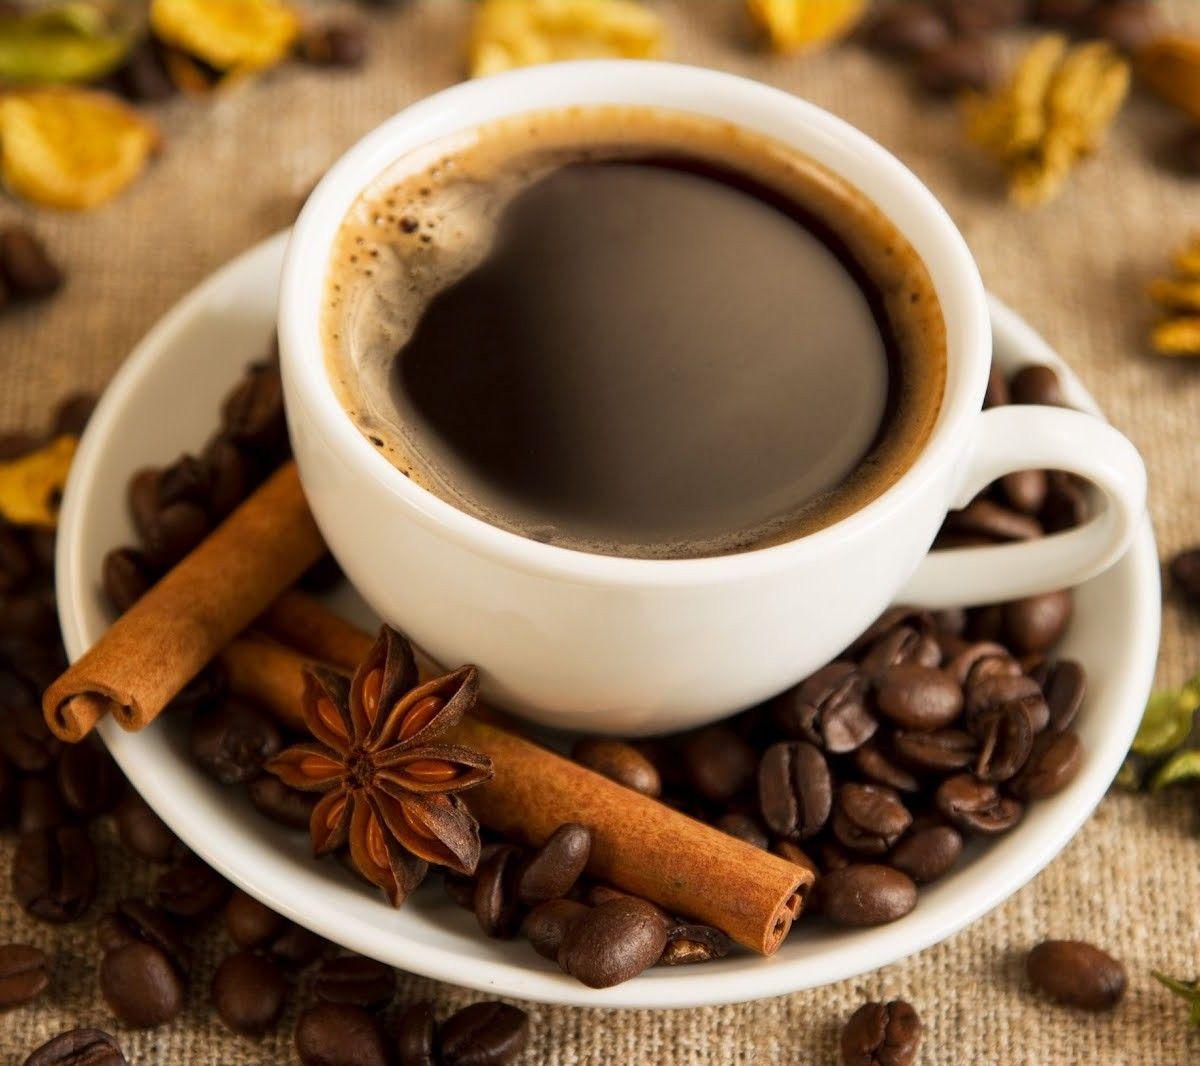 Suplementos à base de ervas que prometem energia, vitalidade e emagrecimento, certamente conterão cafeína, a substância mais popularmente utilizada para essas finalidades. As maiores fontes de cafe...